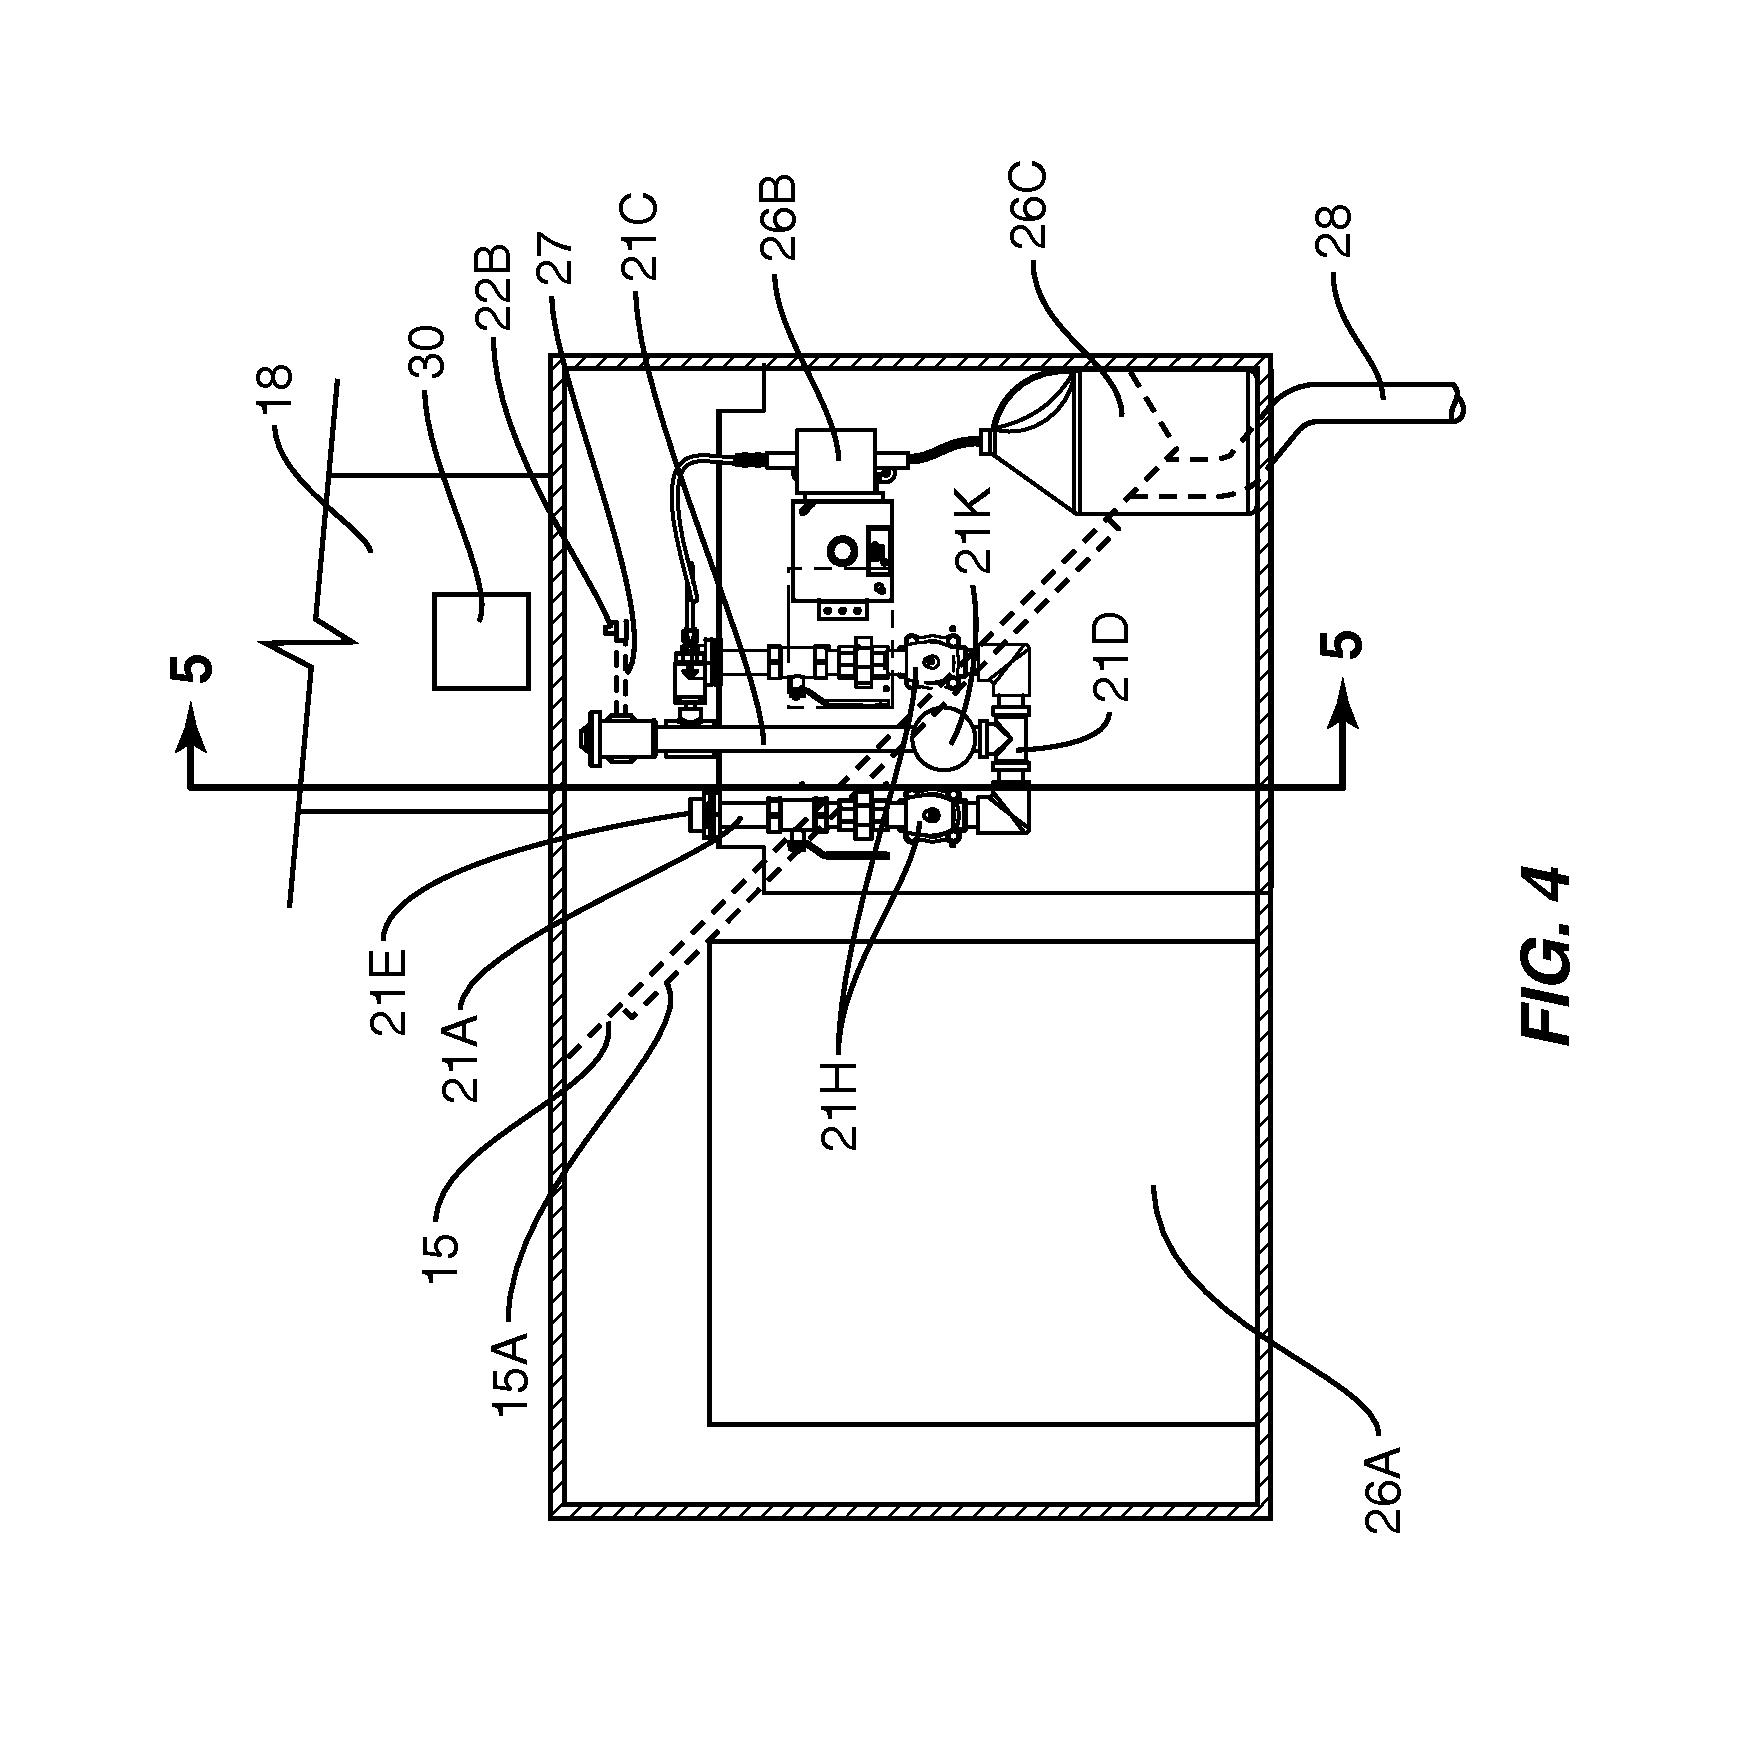 patent us8610601